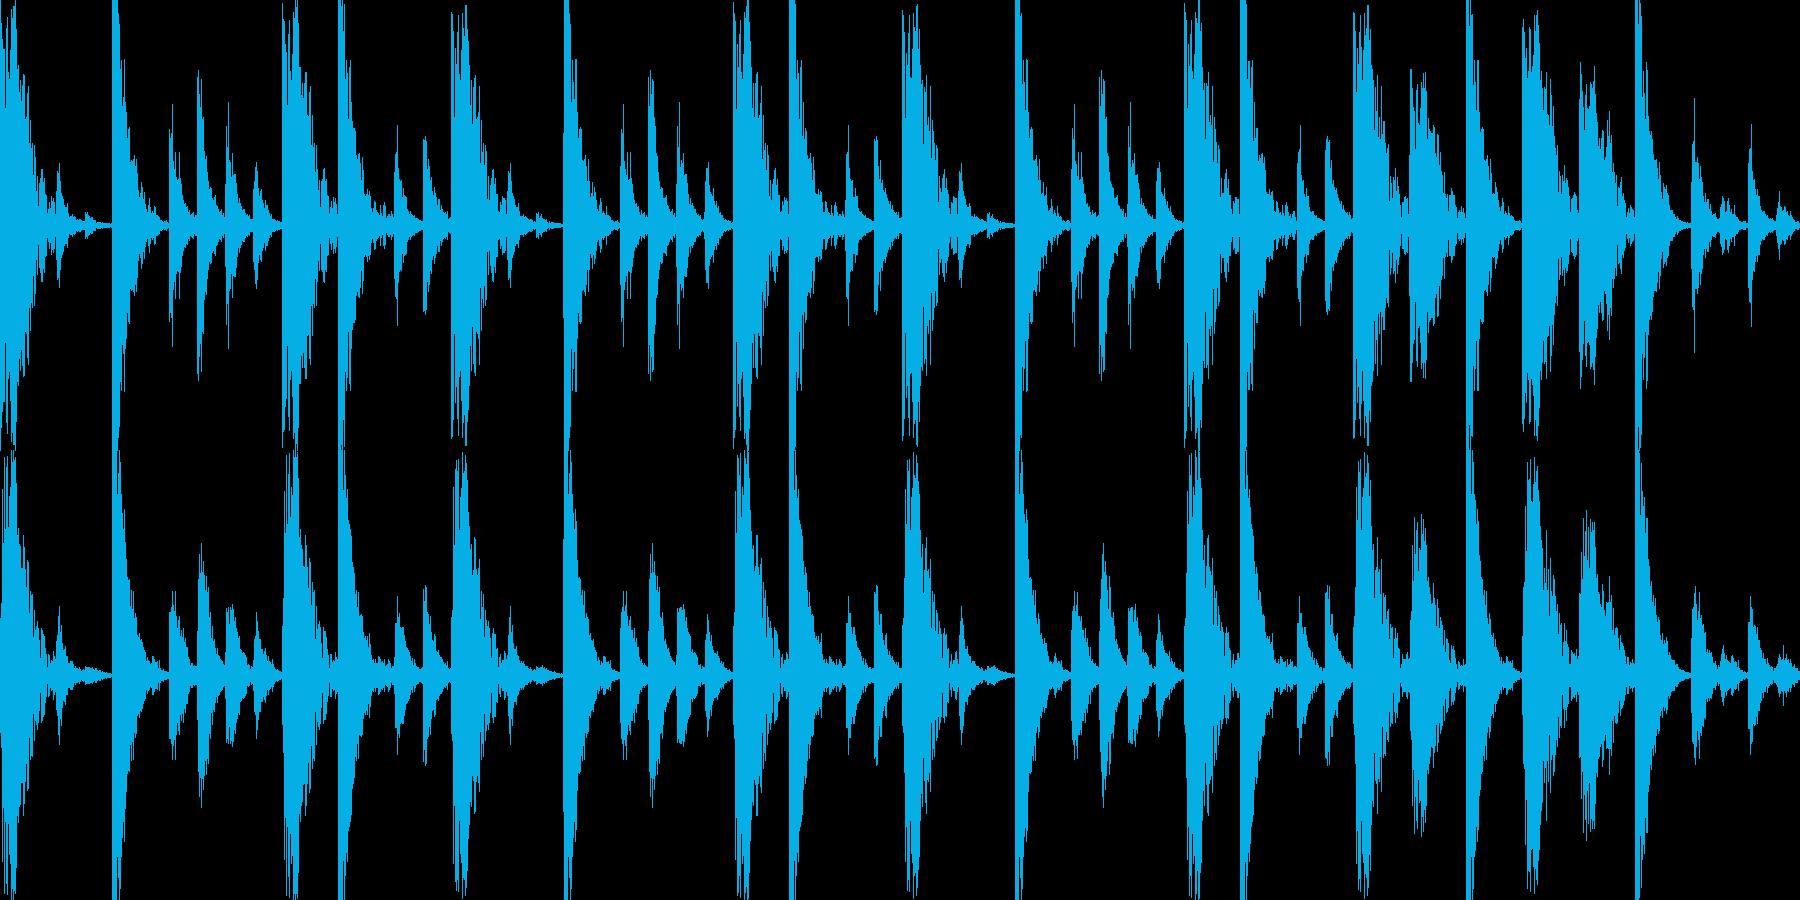 ドラムンベースのリズムループパターン05の再生済みの波形